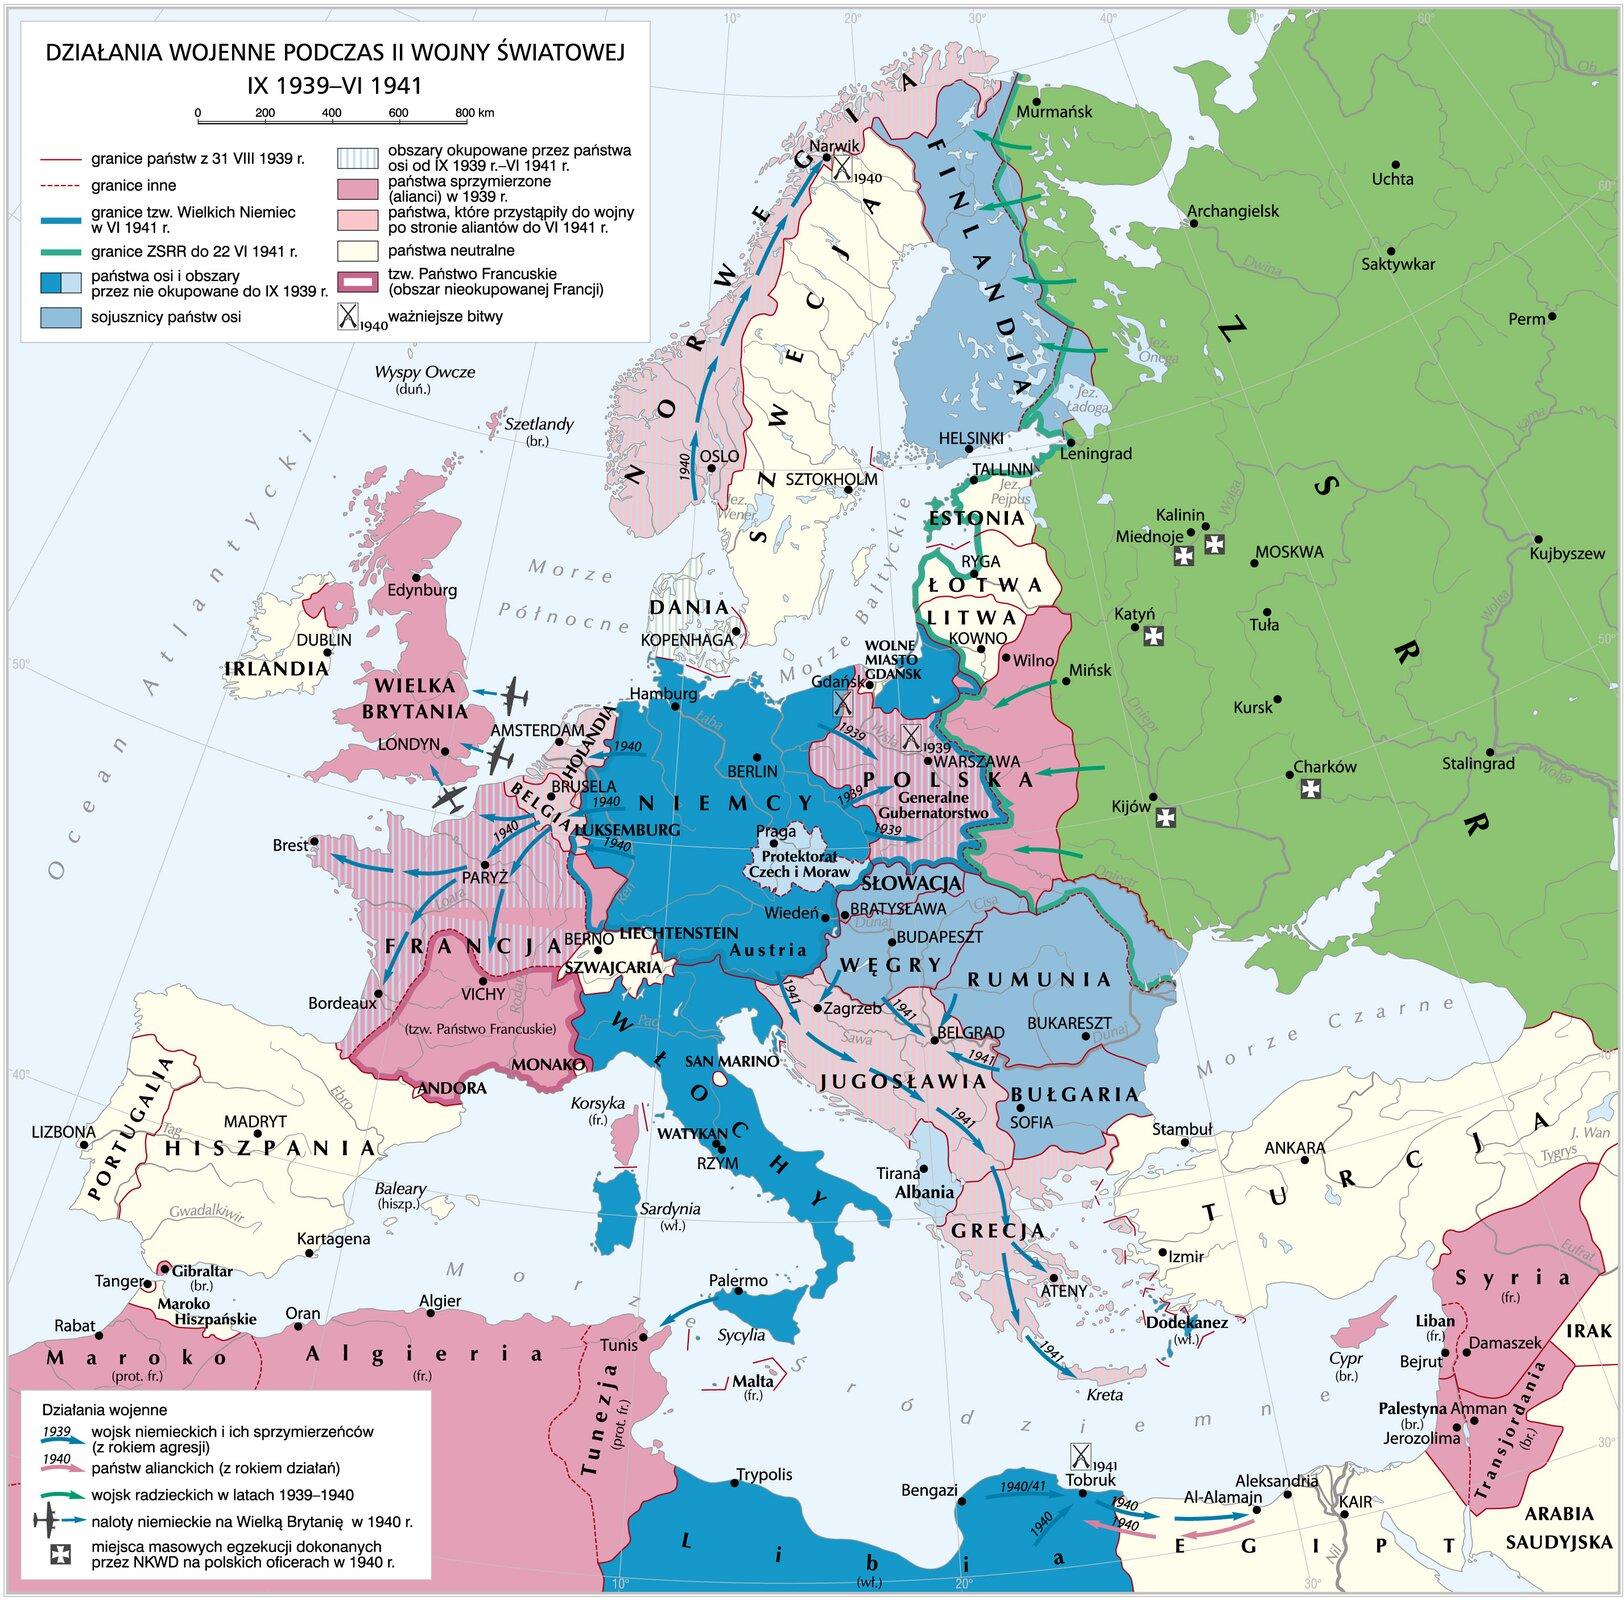 Podboj Europy Przez Stalina I Hitlera Epodreczniki Pl